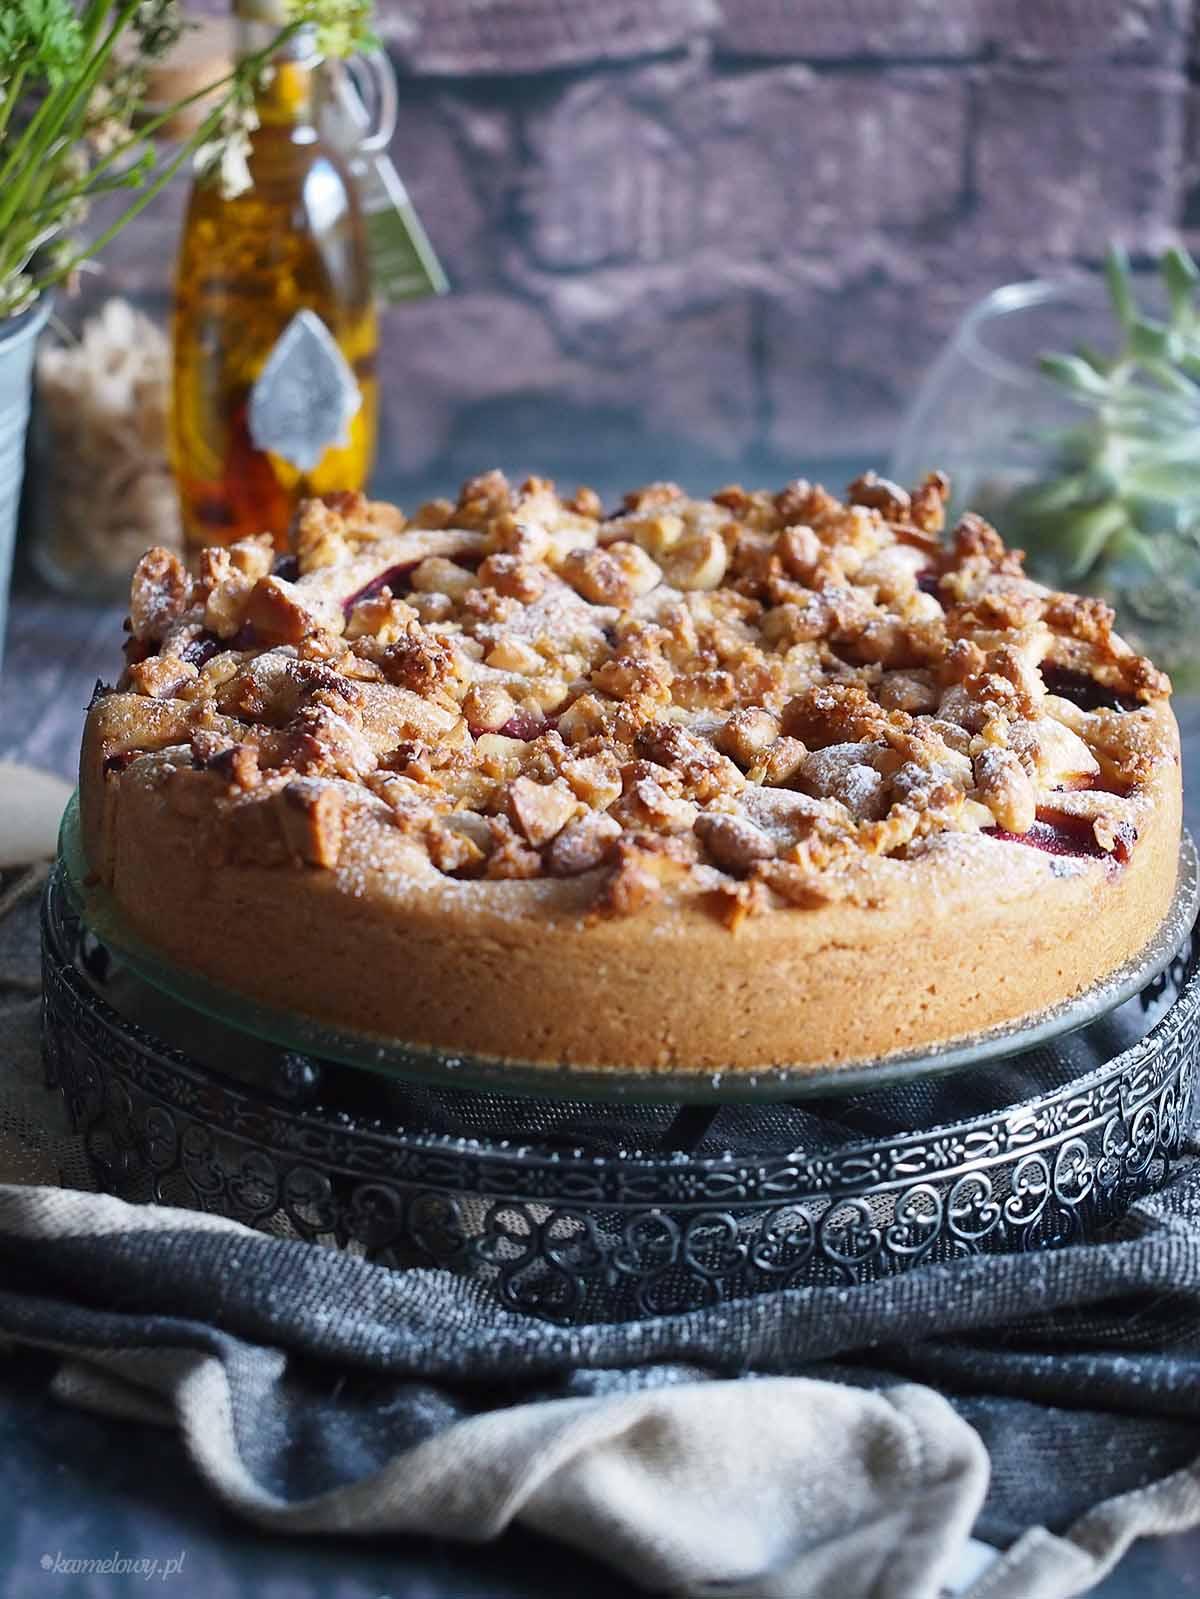 Ciasto-ze-sliwkami-i-kandyzowanymi-migdalami-Plum-and-candied-almond-cake